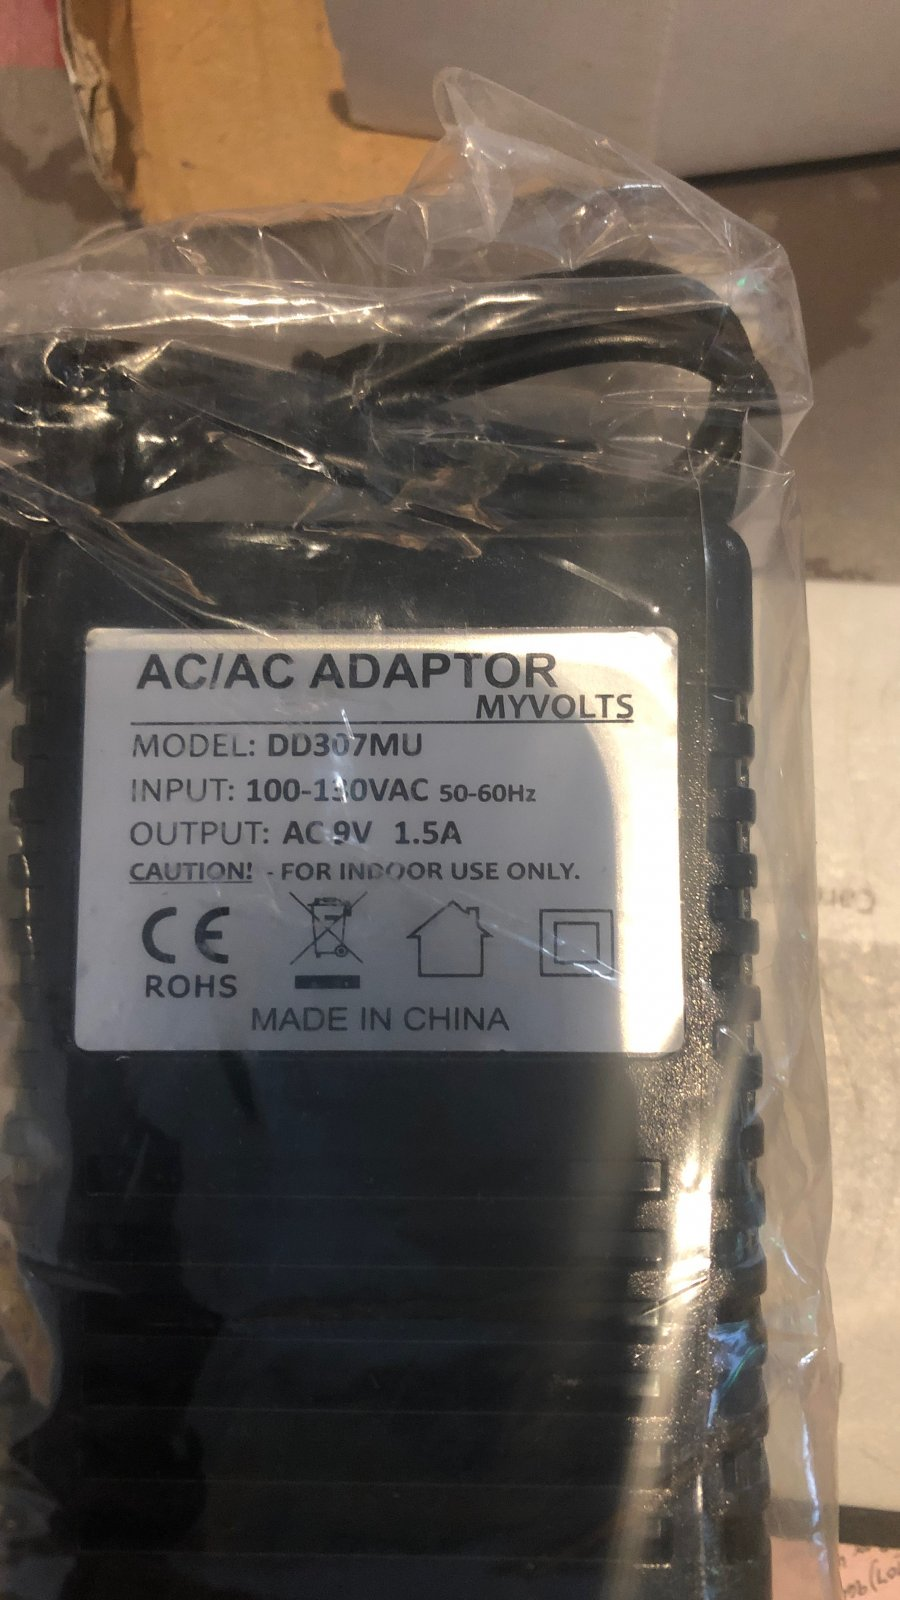 AC 9V 1.5A